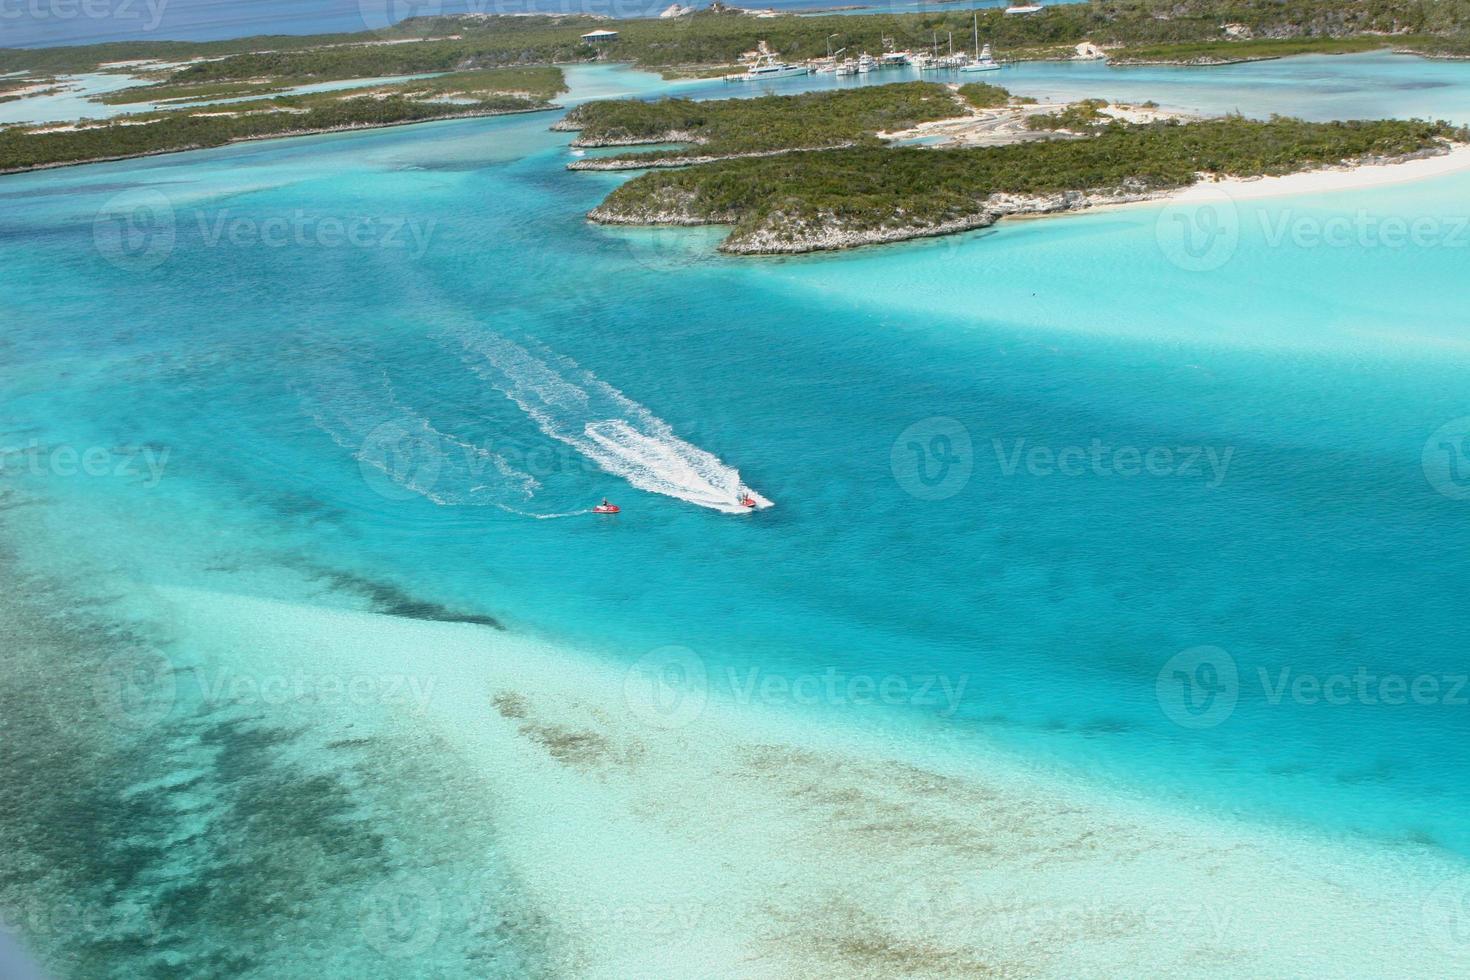 vista aerea di isole, barriera corallina bahamas e moto d'acqua foto